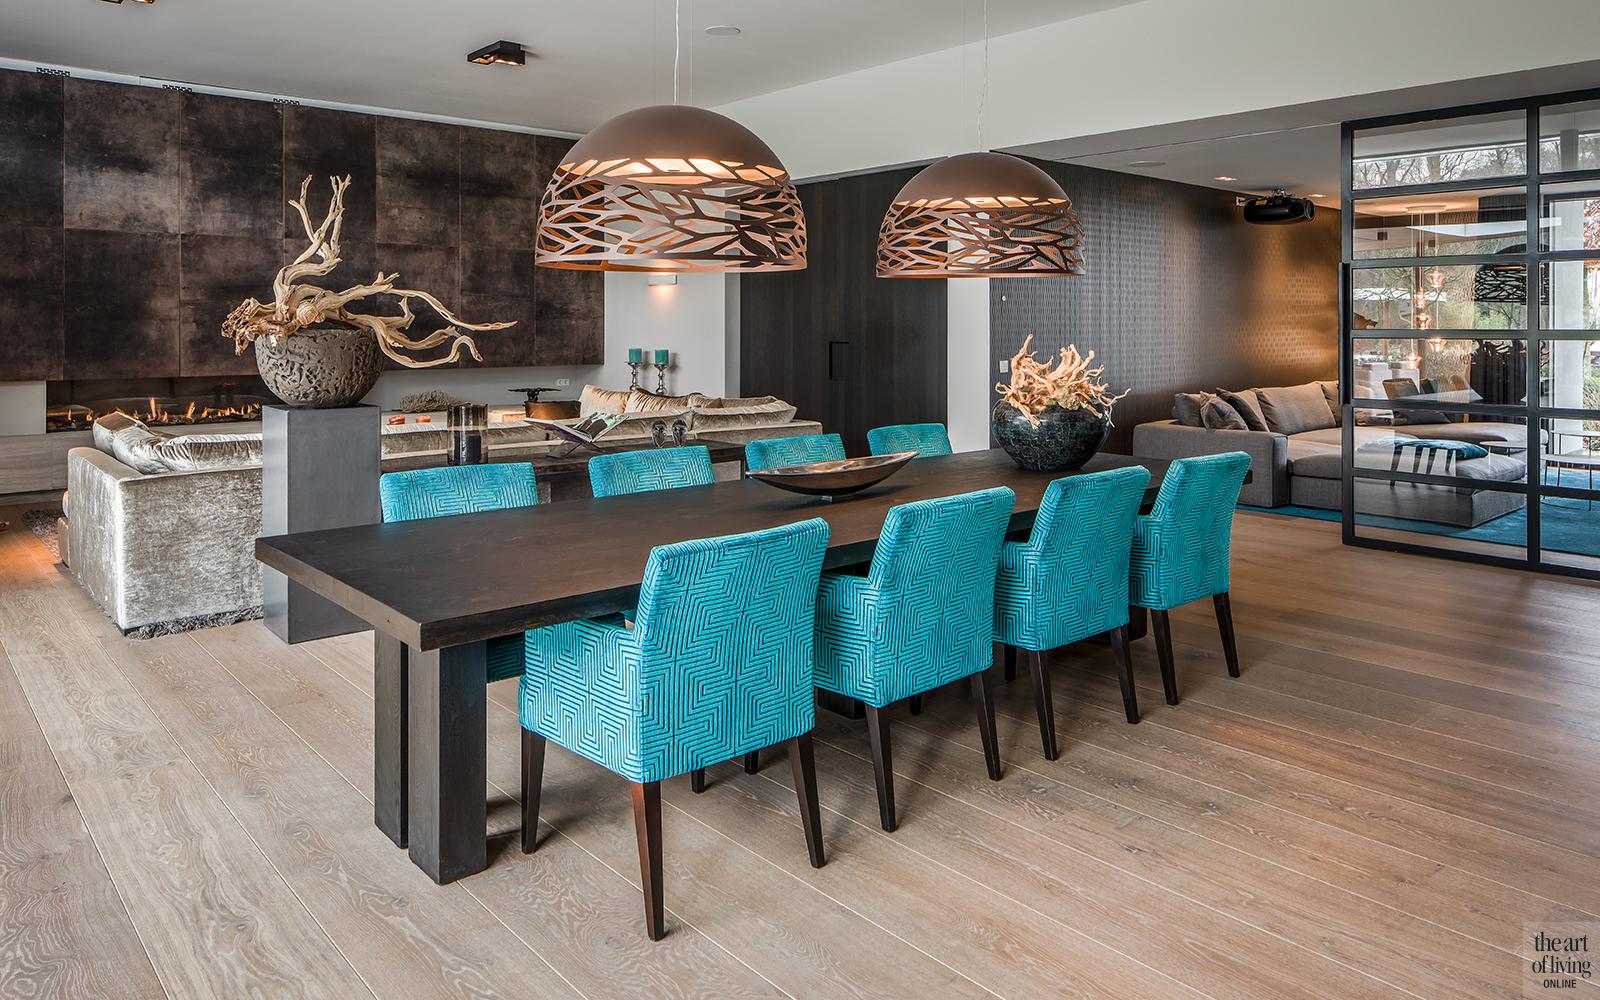 Natuurlijke materialen, Drijvers, Livingroom, Alphenberg, Velours bank, Lounge, Design interieur, Interieur, Leren wandbekleding, Eetkamer, Eettafel, Design stoelen